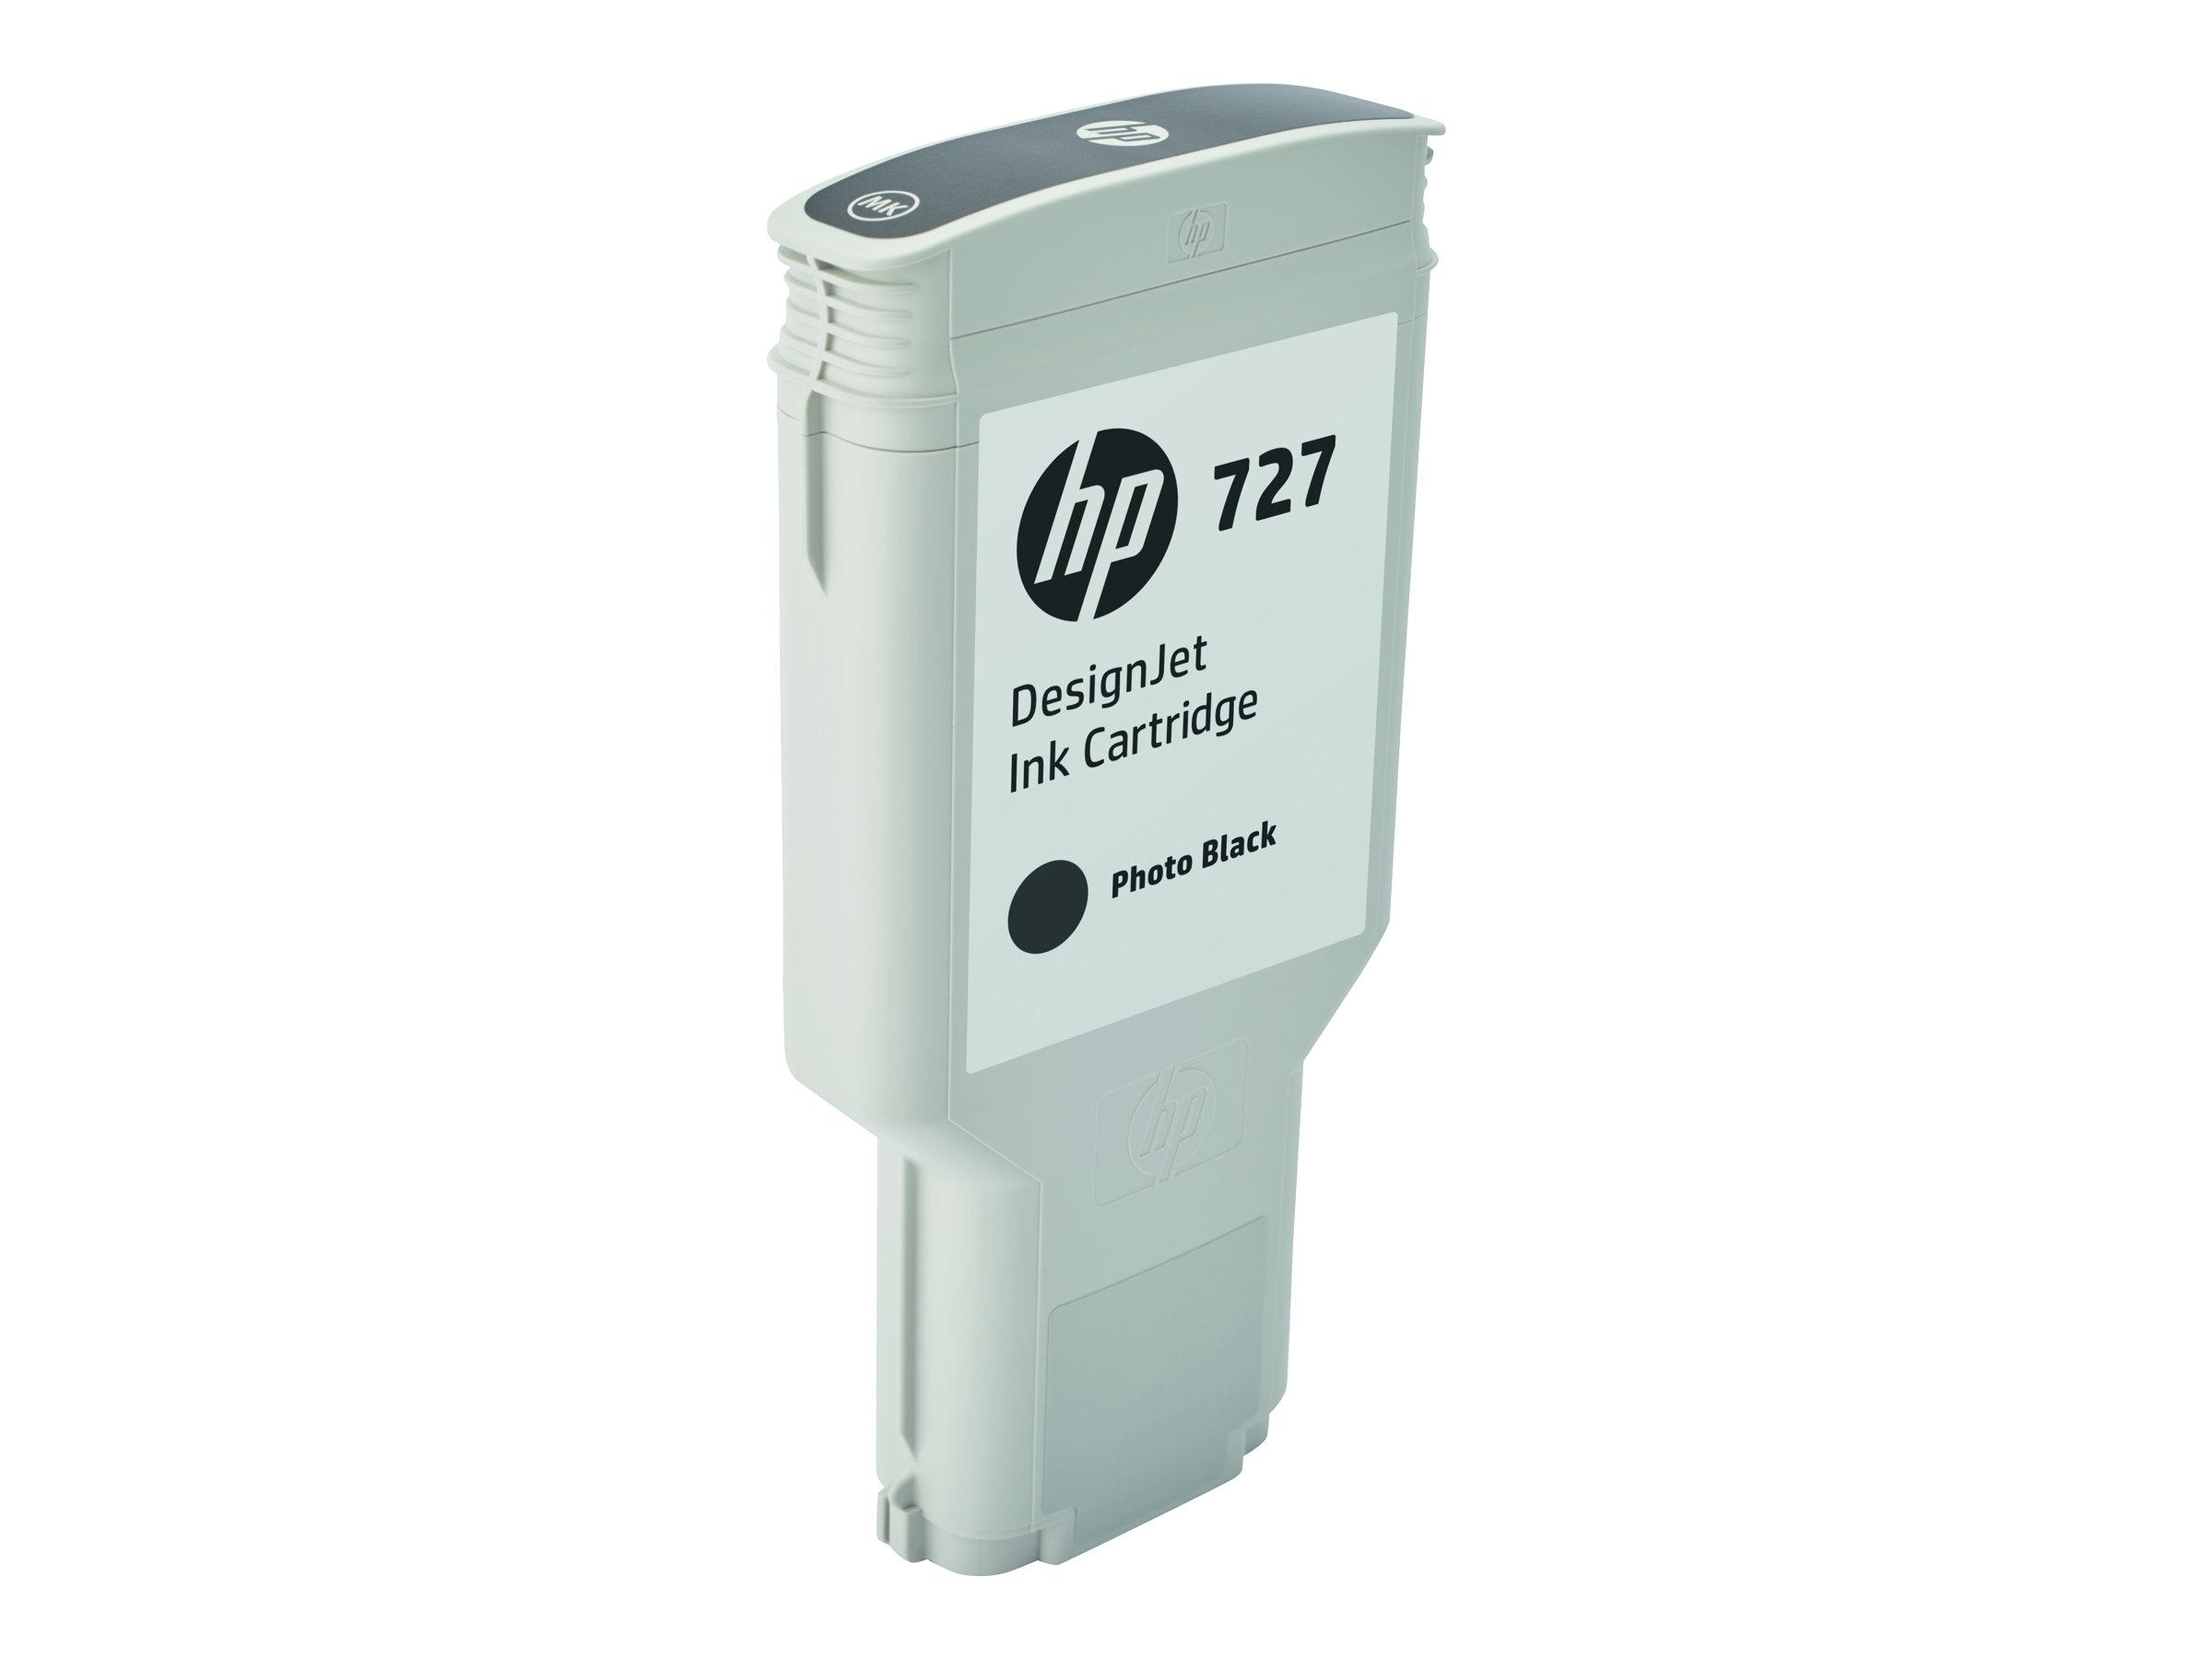 HP 727XL - noir photo - cartouche d'encre originale